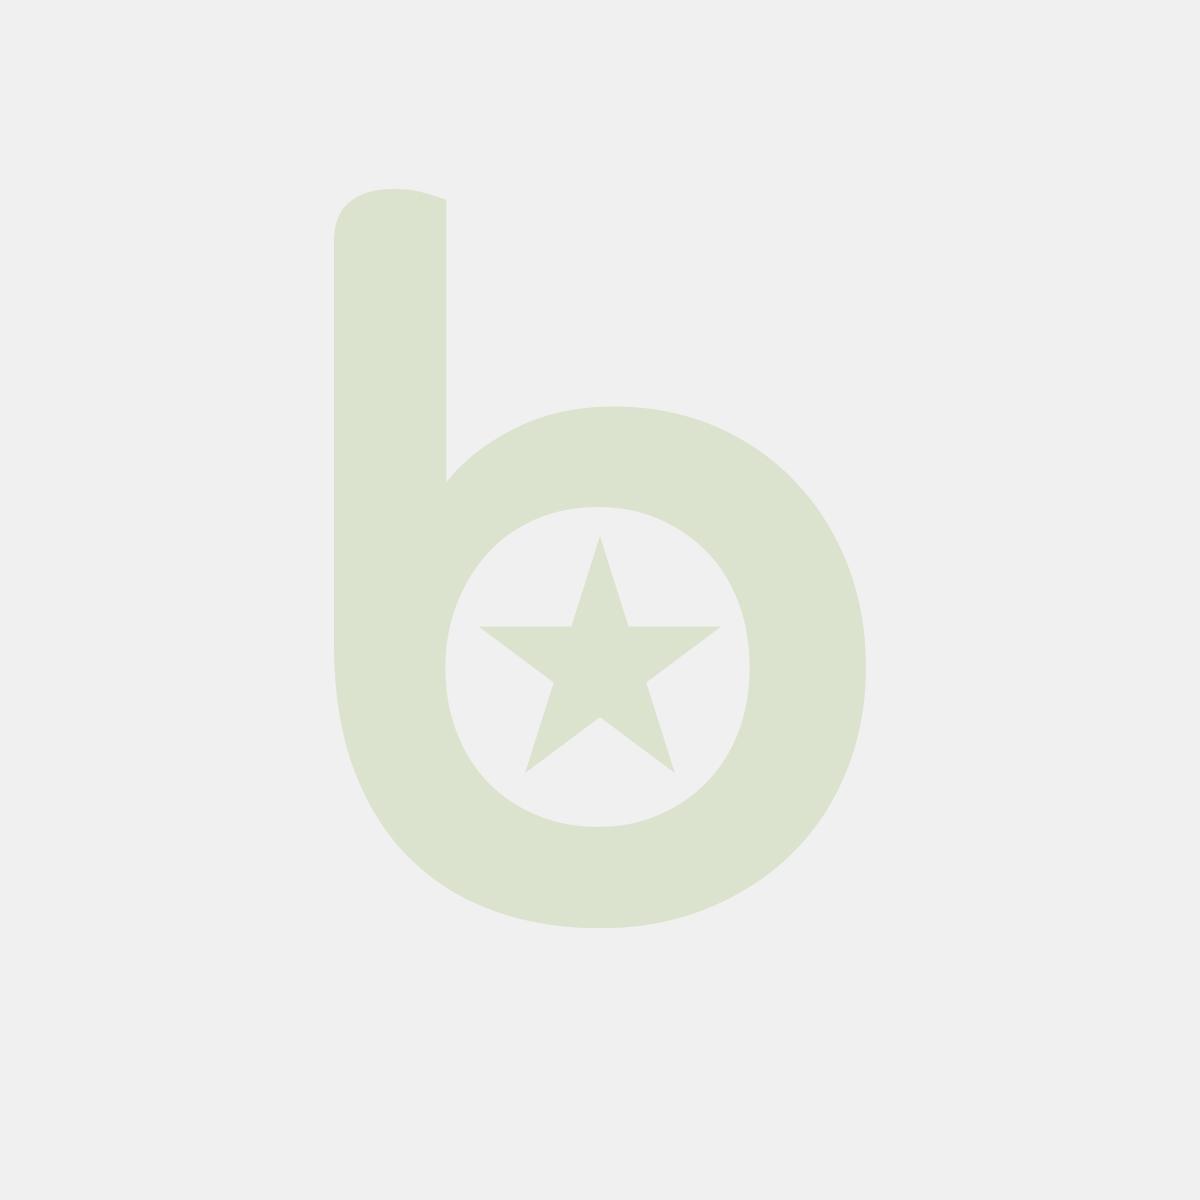 Talerz Biotrem średnica 24 cm z otrąb pszennych, opakowanie 50 szt.